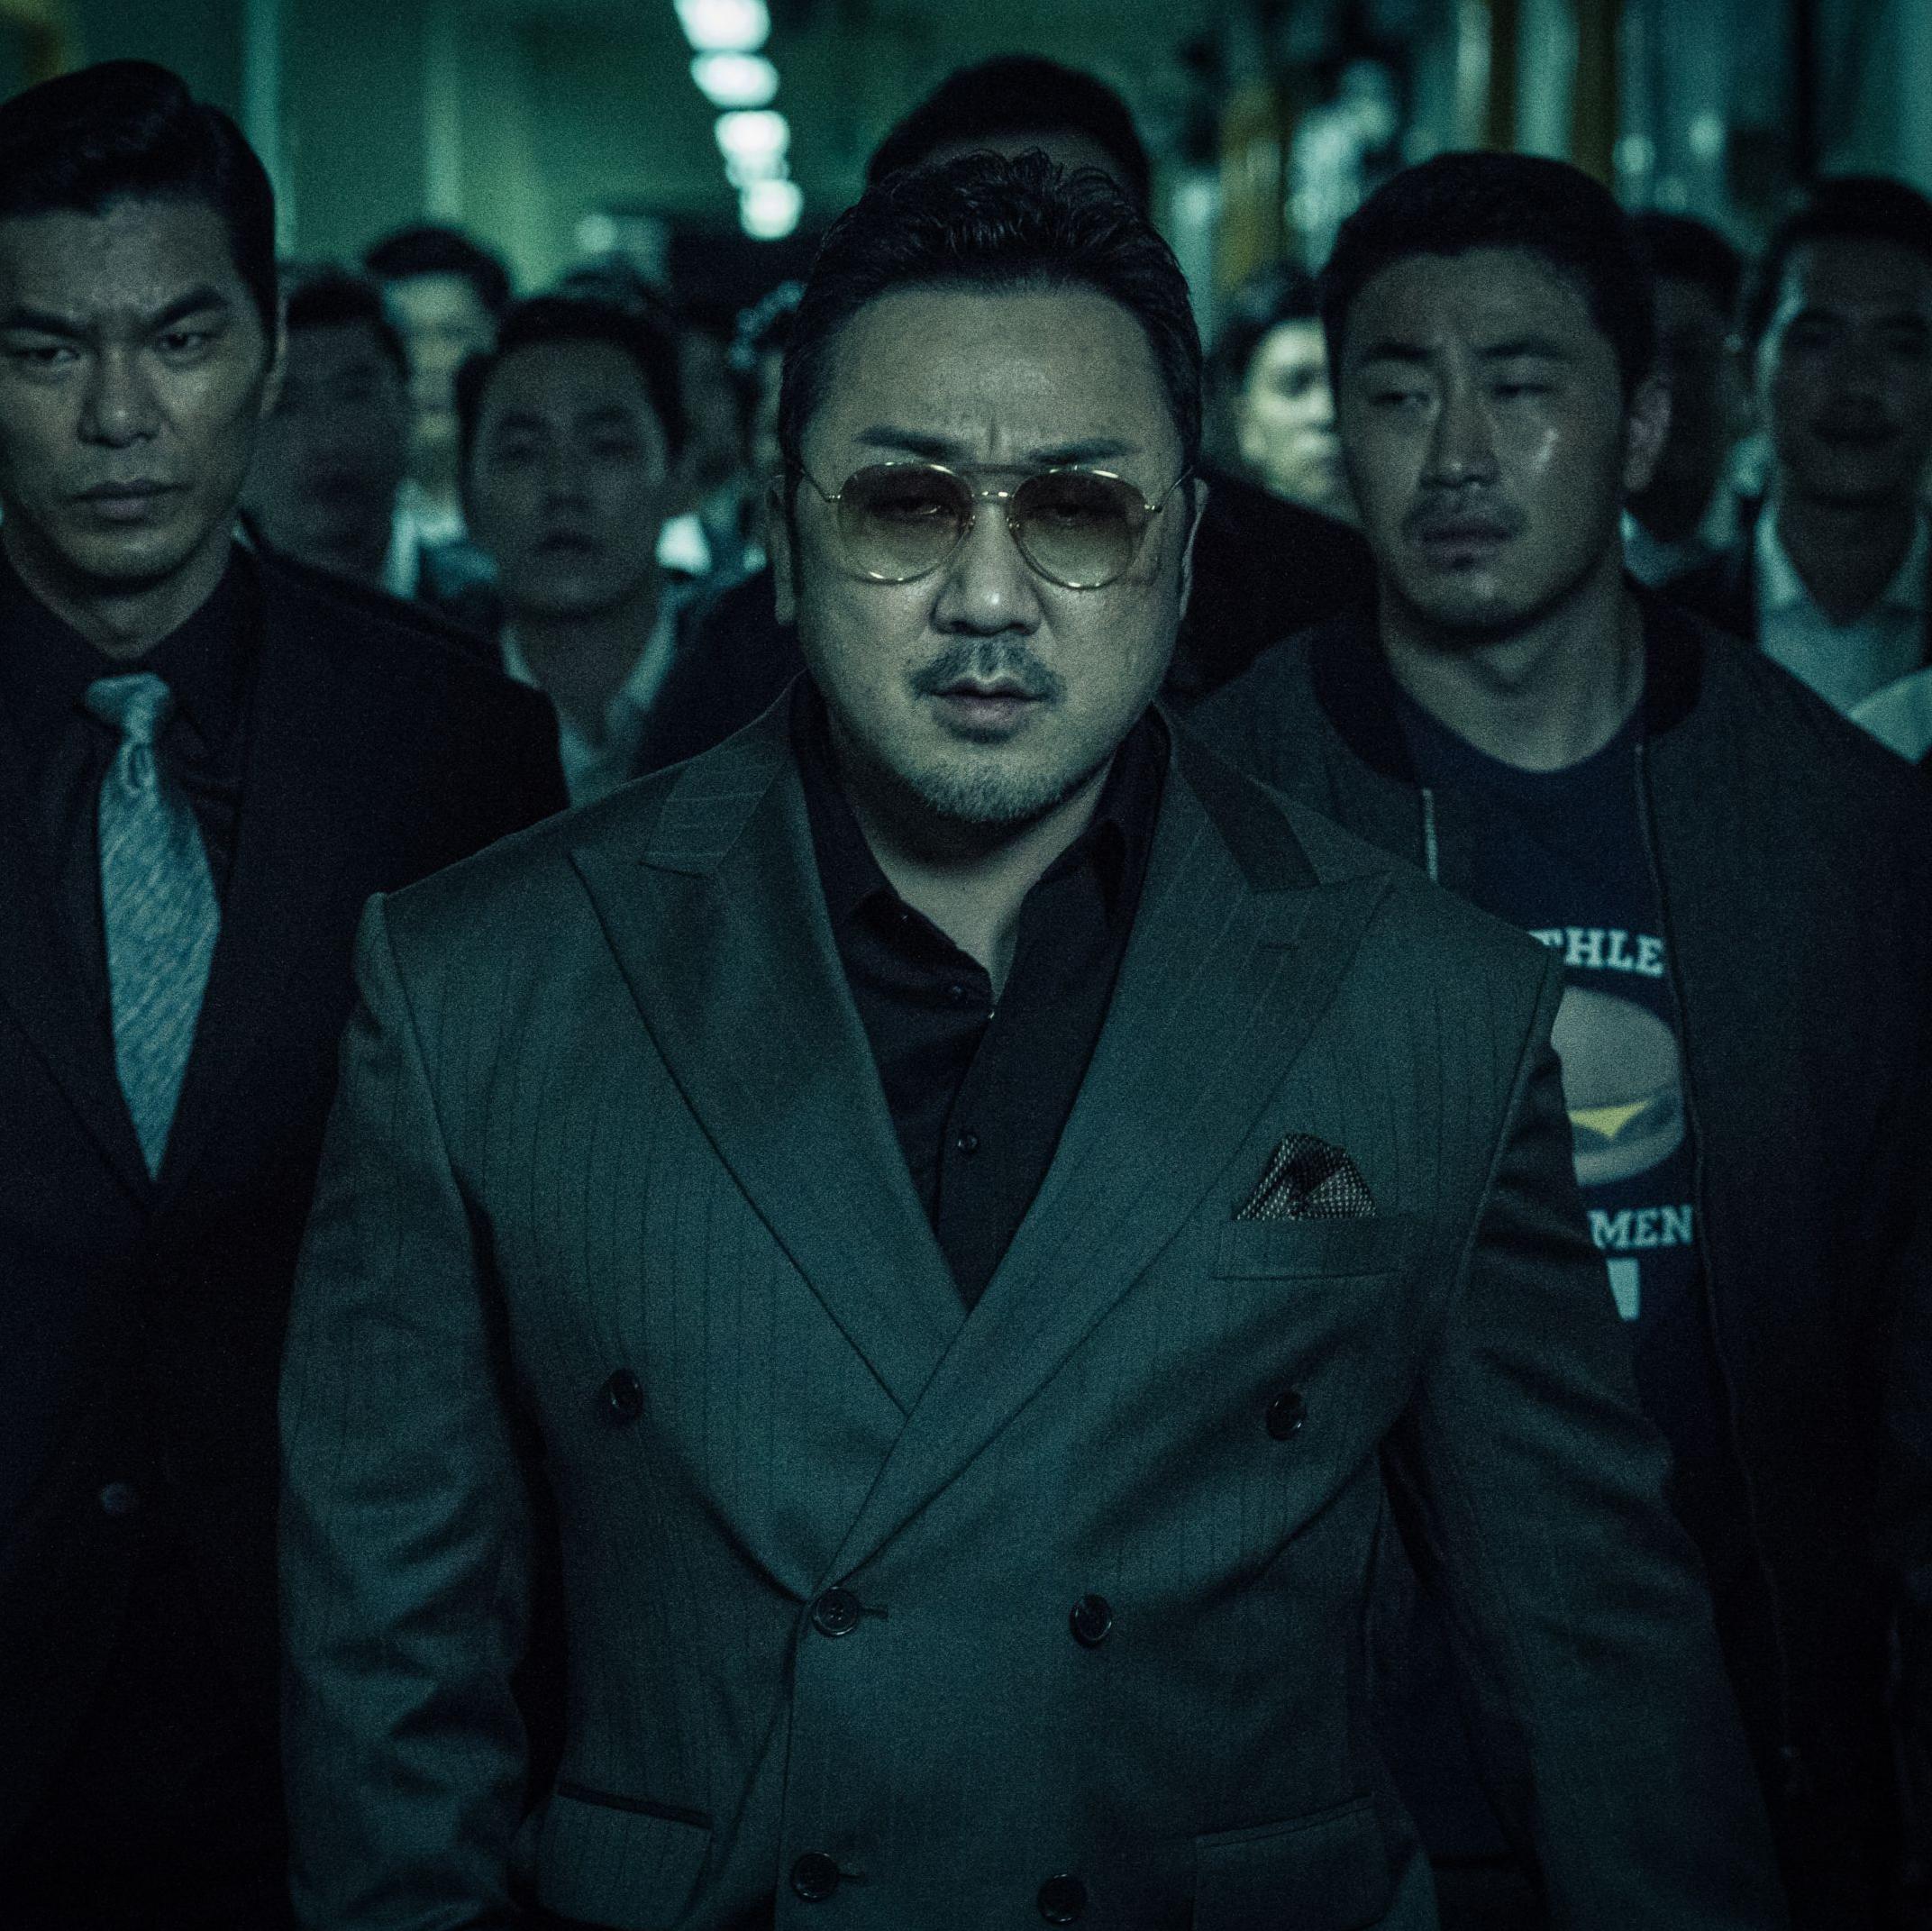 《極惡對決》亞洲地區唯一宣傳獻給台灣!地表最強悍大叔馬東石六月中來台為電影造勢